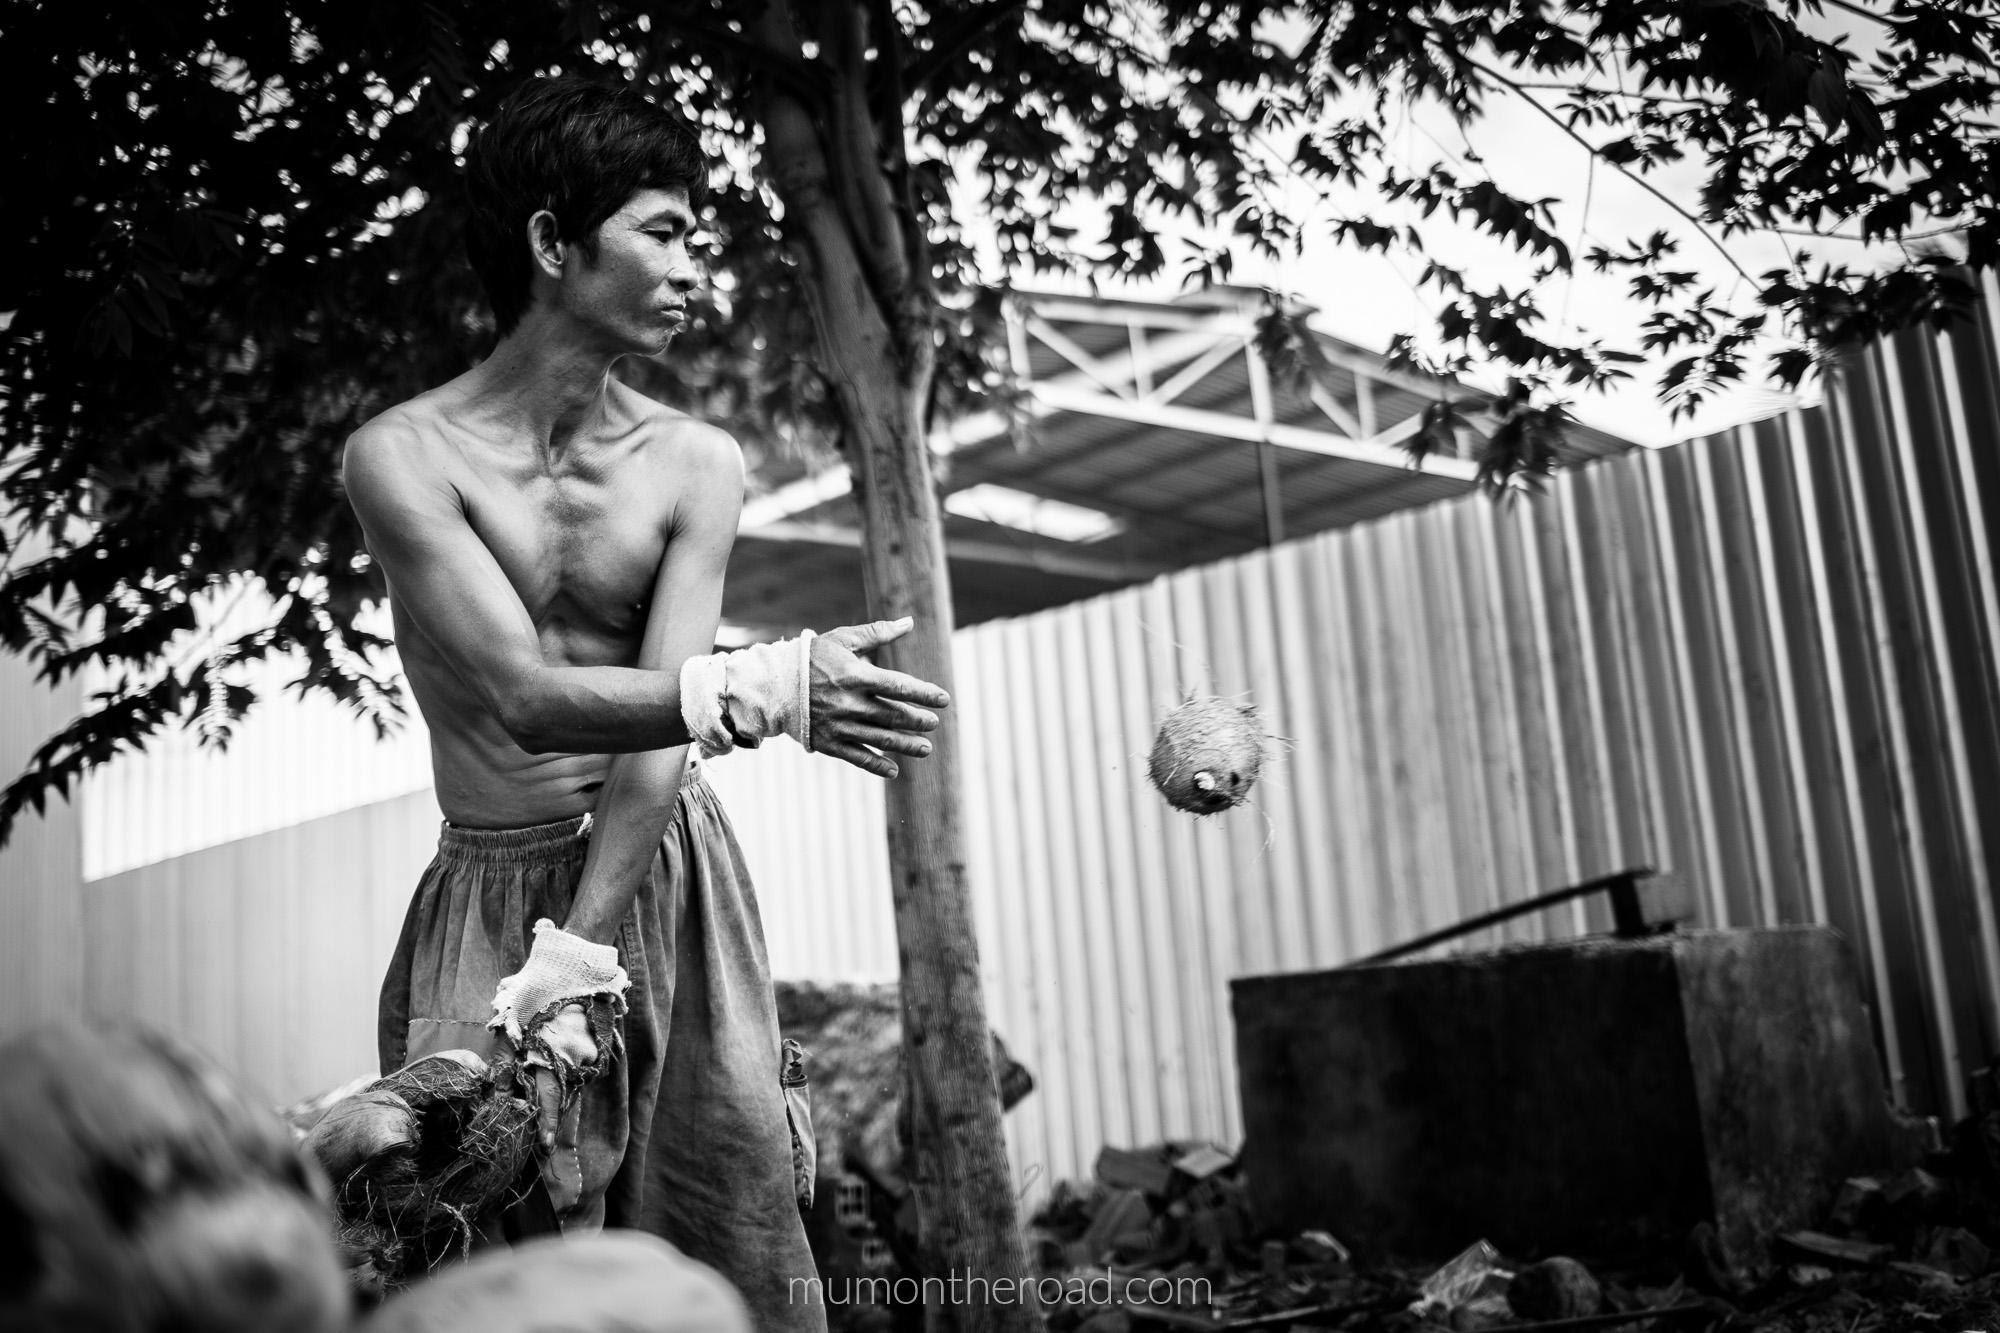 Un ouvrier d'une entreprise de transformation de noix de coco les ouvre une à une sur un pieux de métal 2